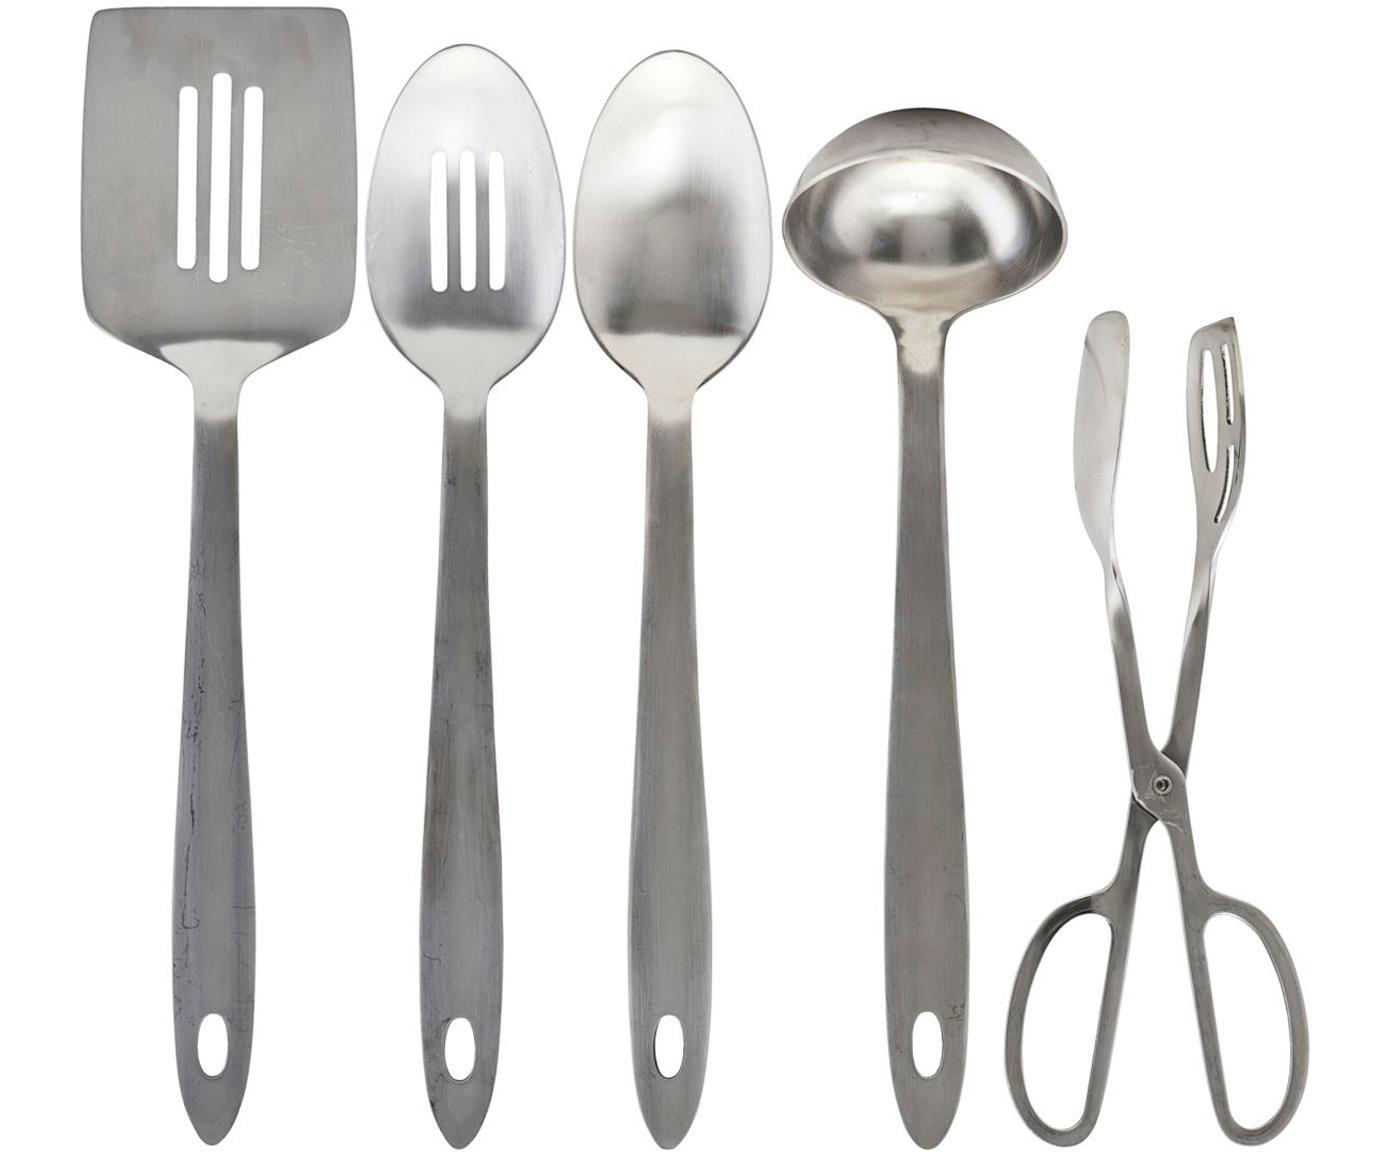 Komplet sztućców kuchennych Take, 5-szt., Stal nierdzewna, Odcienie srebrnego, Różne rozmiary